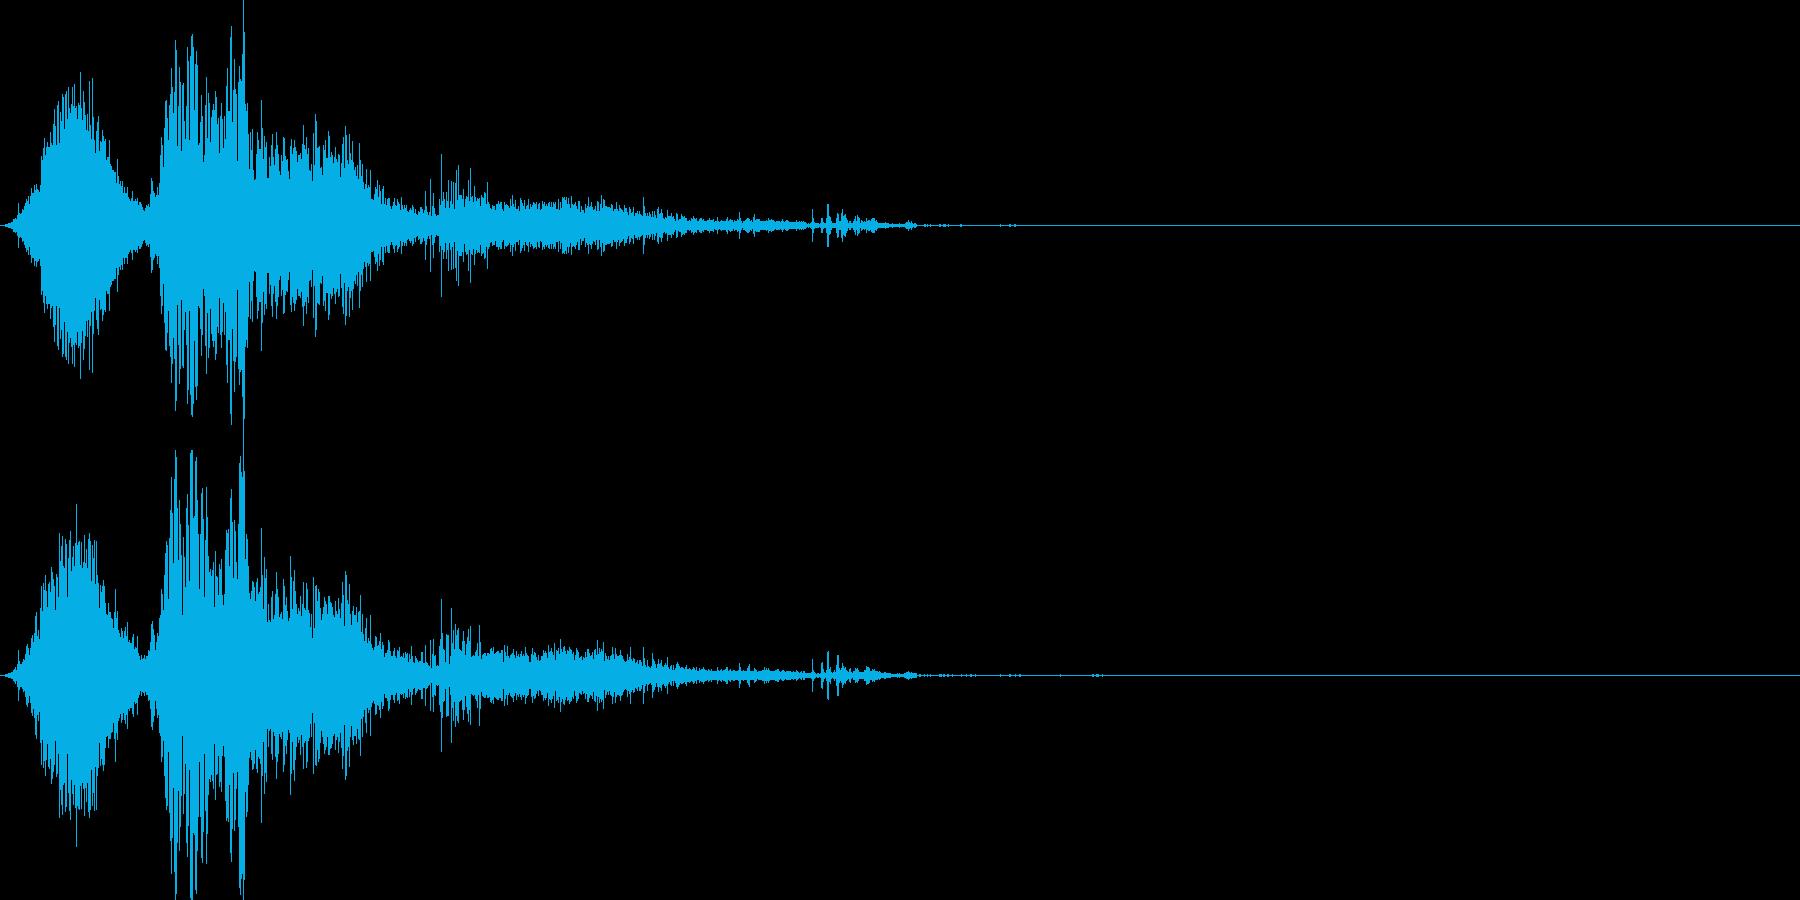 斬撃音(刀や剣で斬る/刺す効果音)16cの再生済みの波形